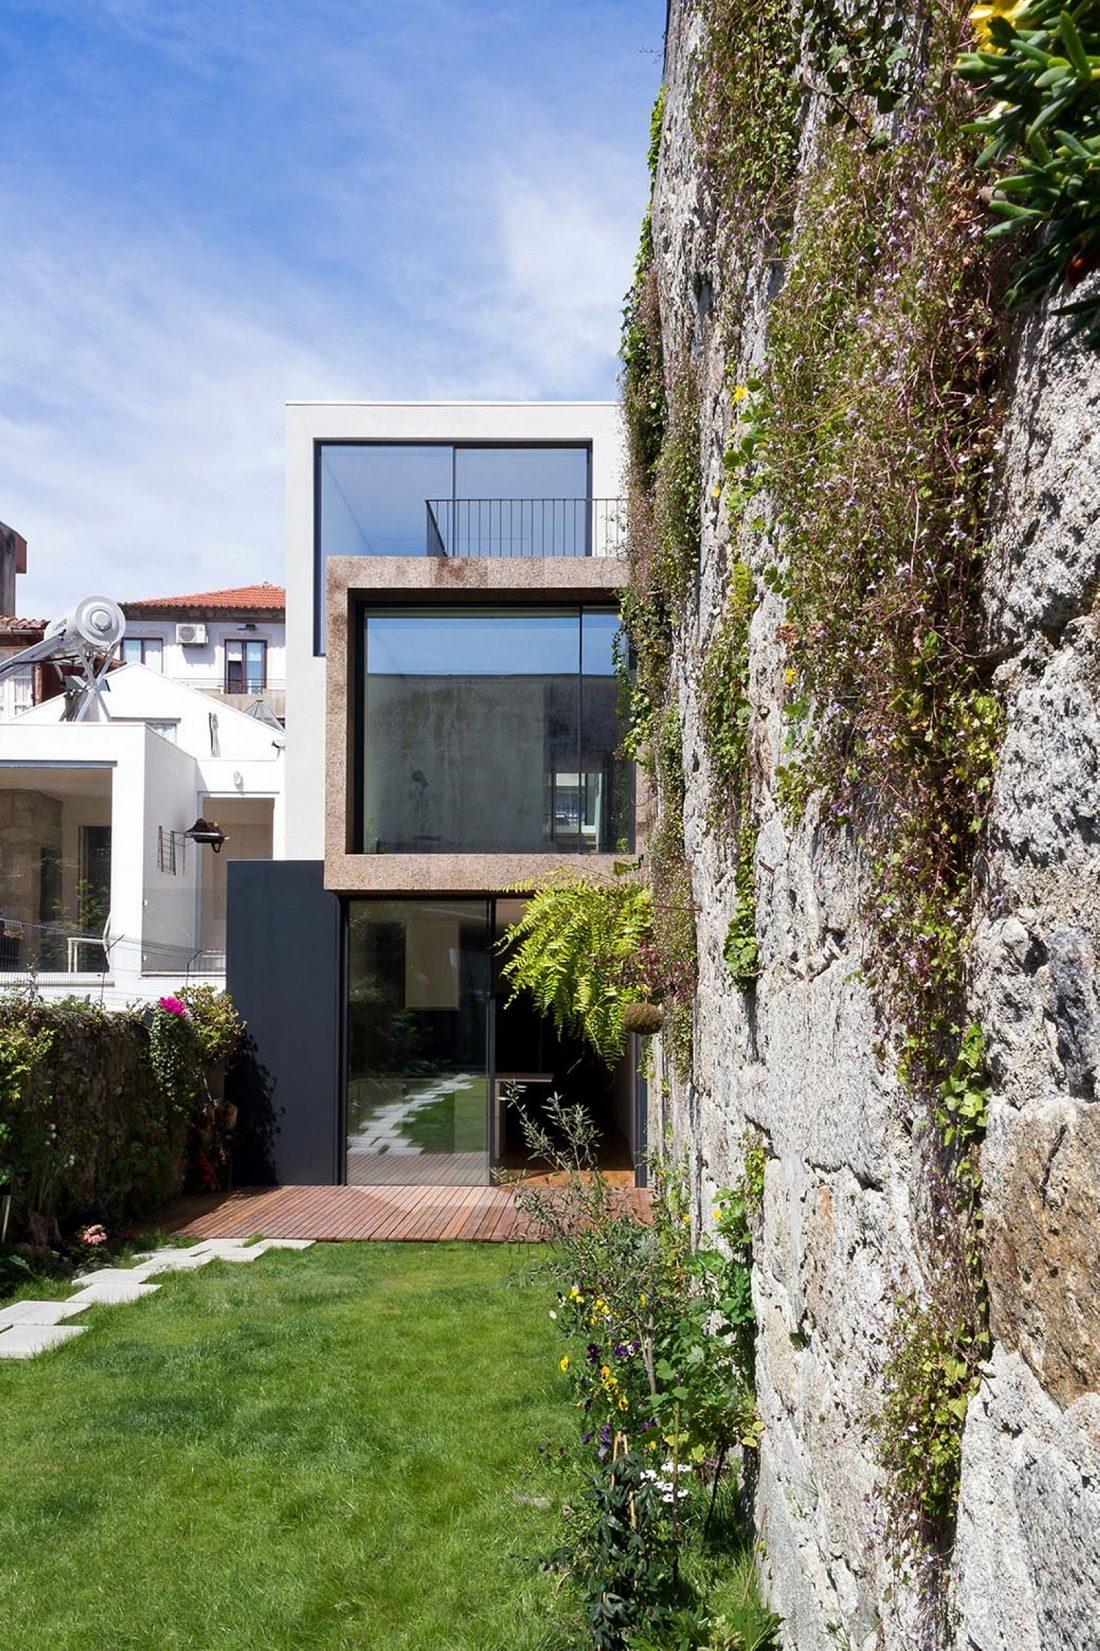 Реконструкция старинного дома Bonjardim House в Португалии по проекту ATKA arquitectos 1